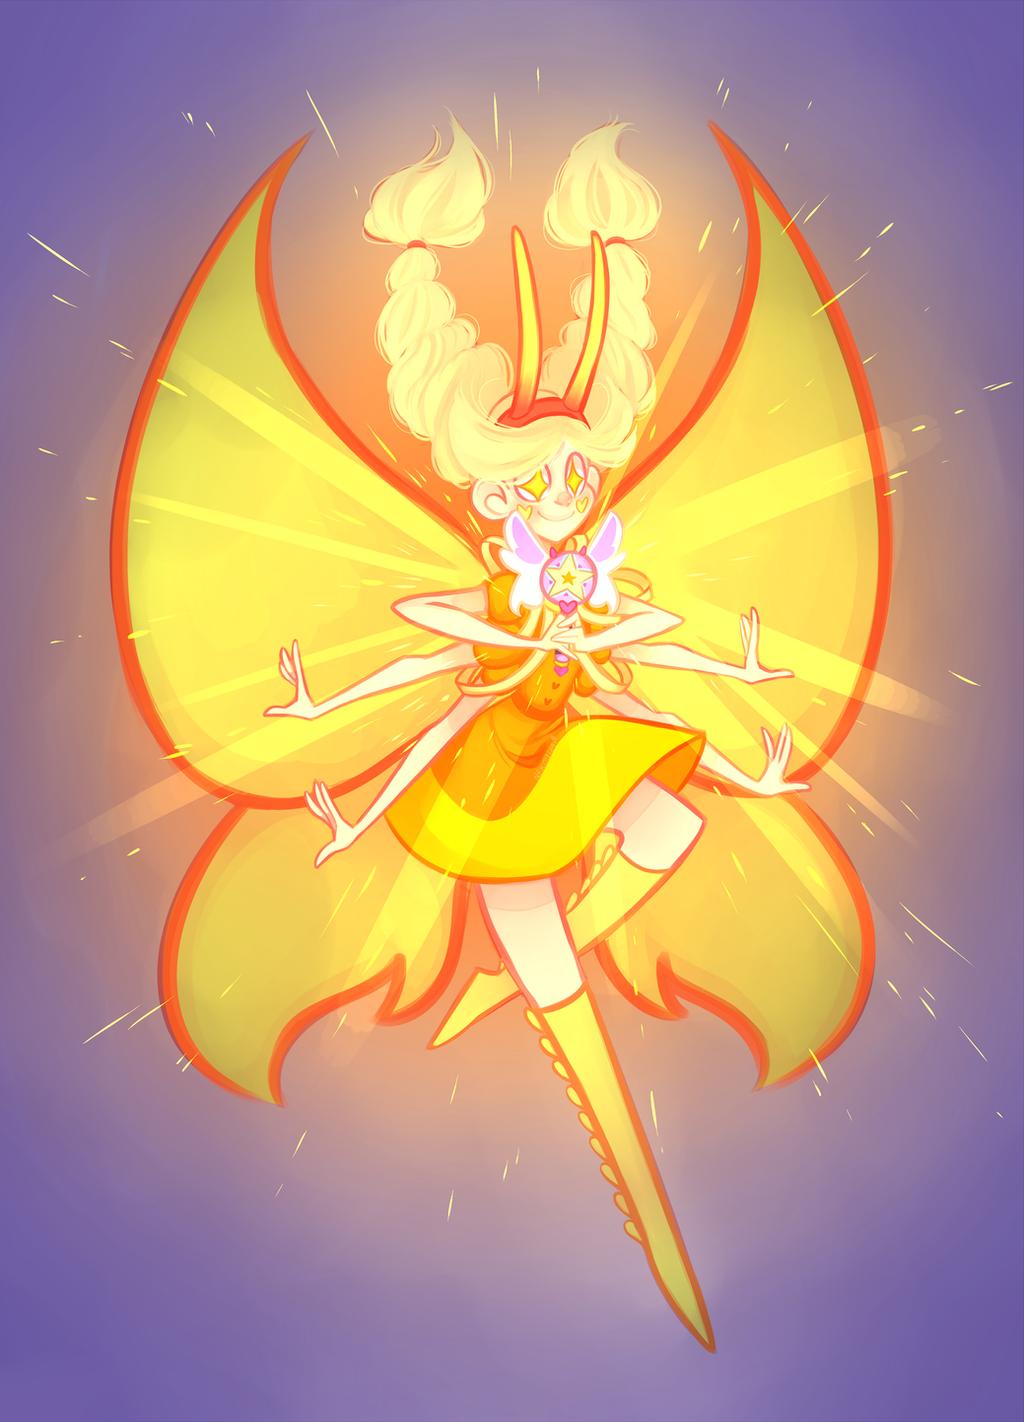 golden star by nekouhai on deviantart